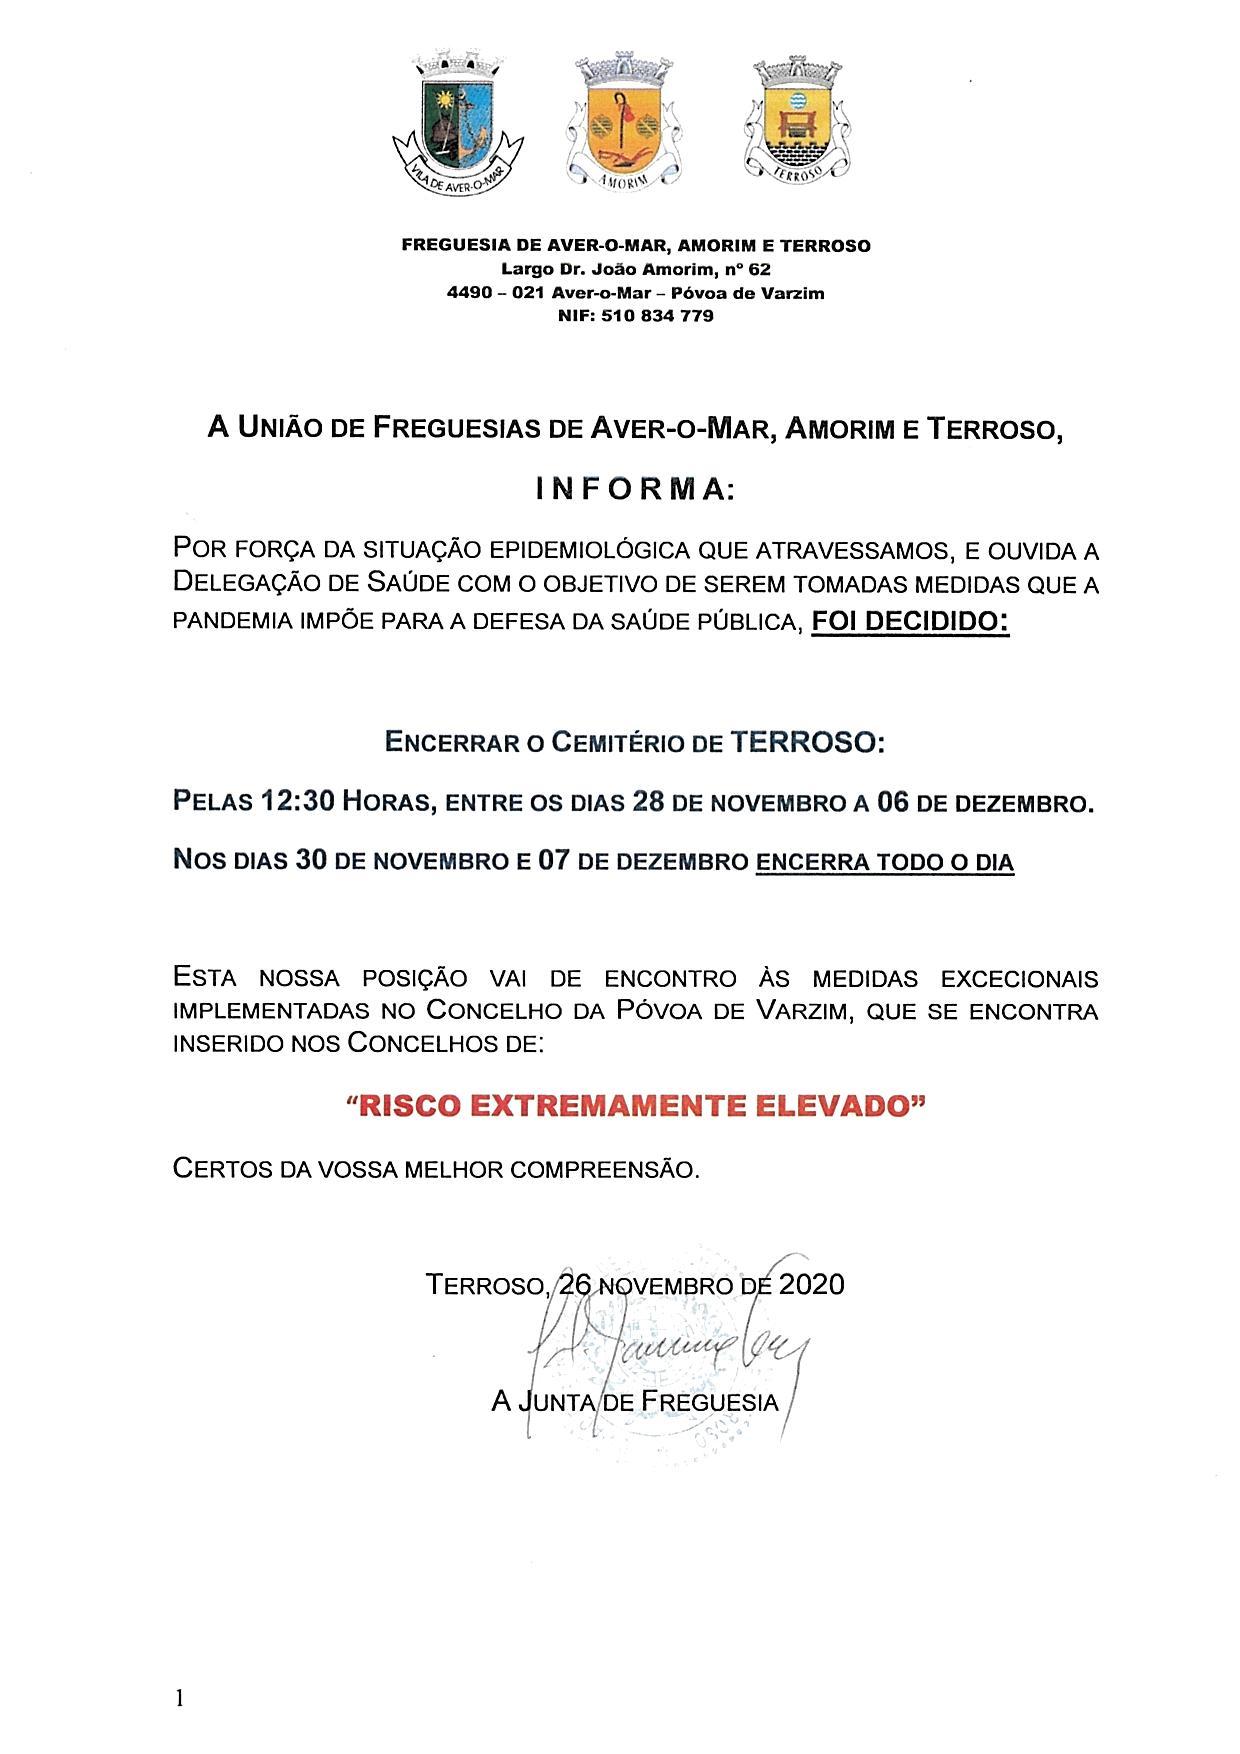 ENCERRAMENTO DO CEMITÉRIO DE TERROSO